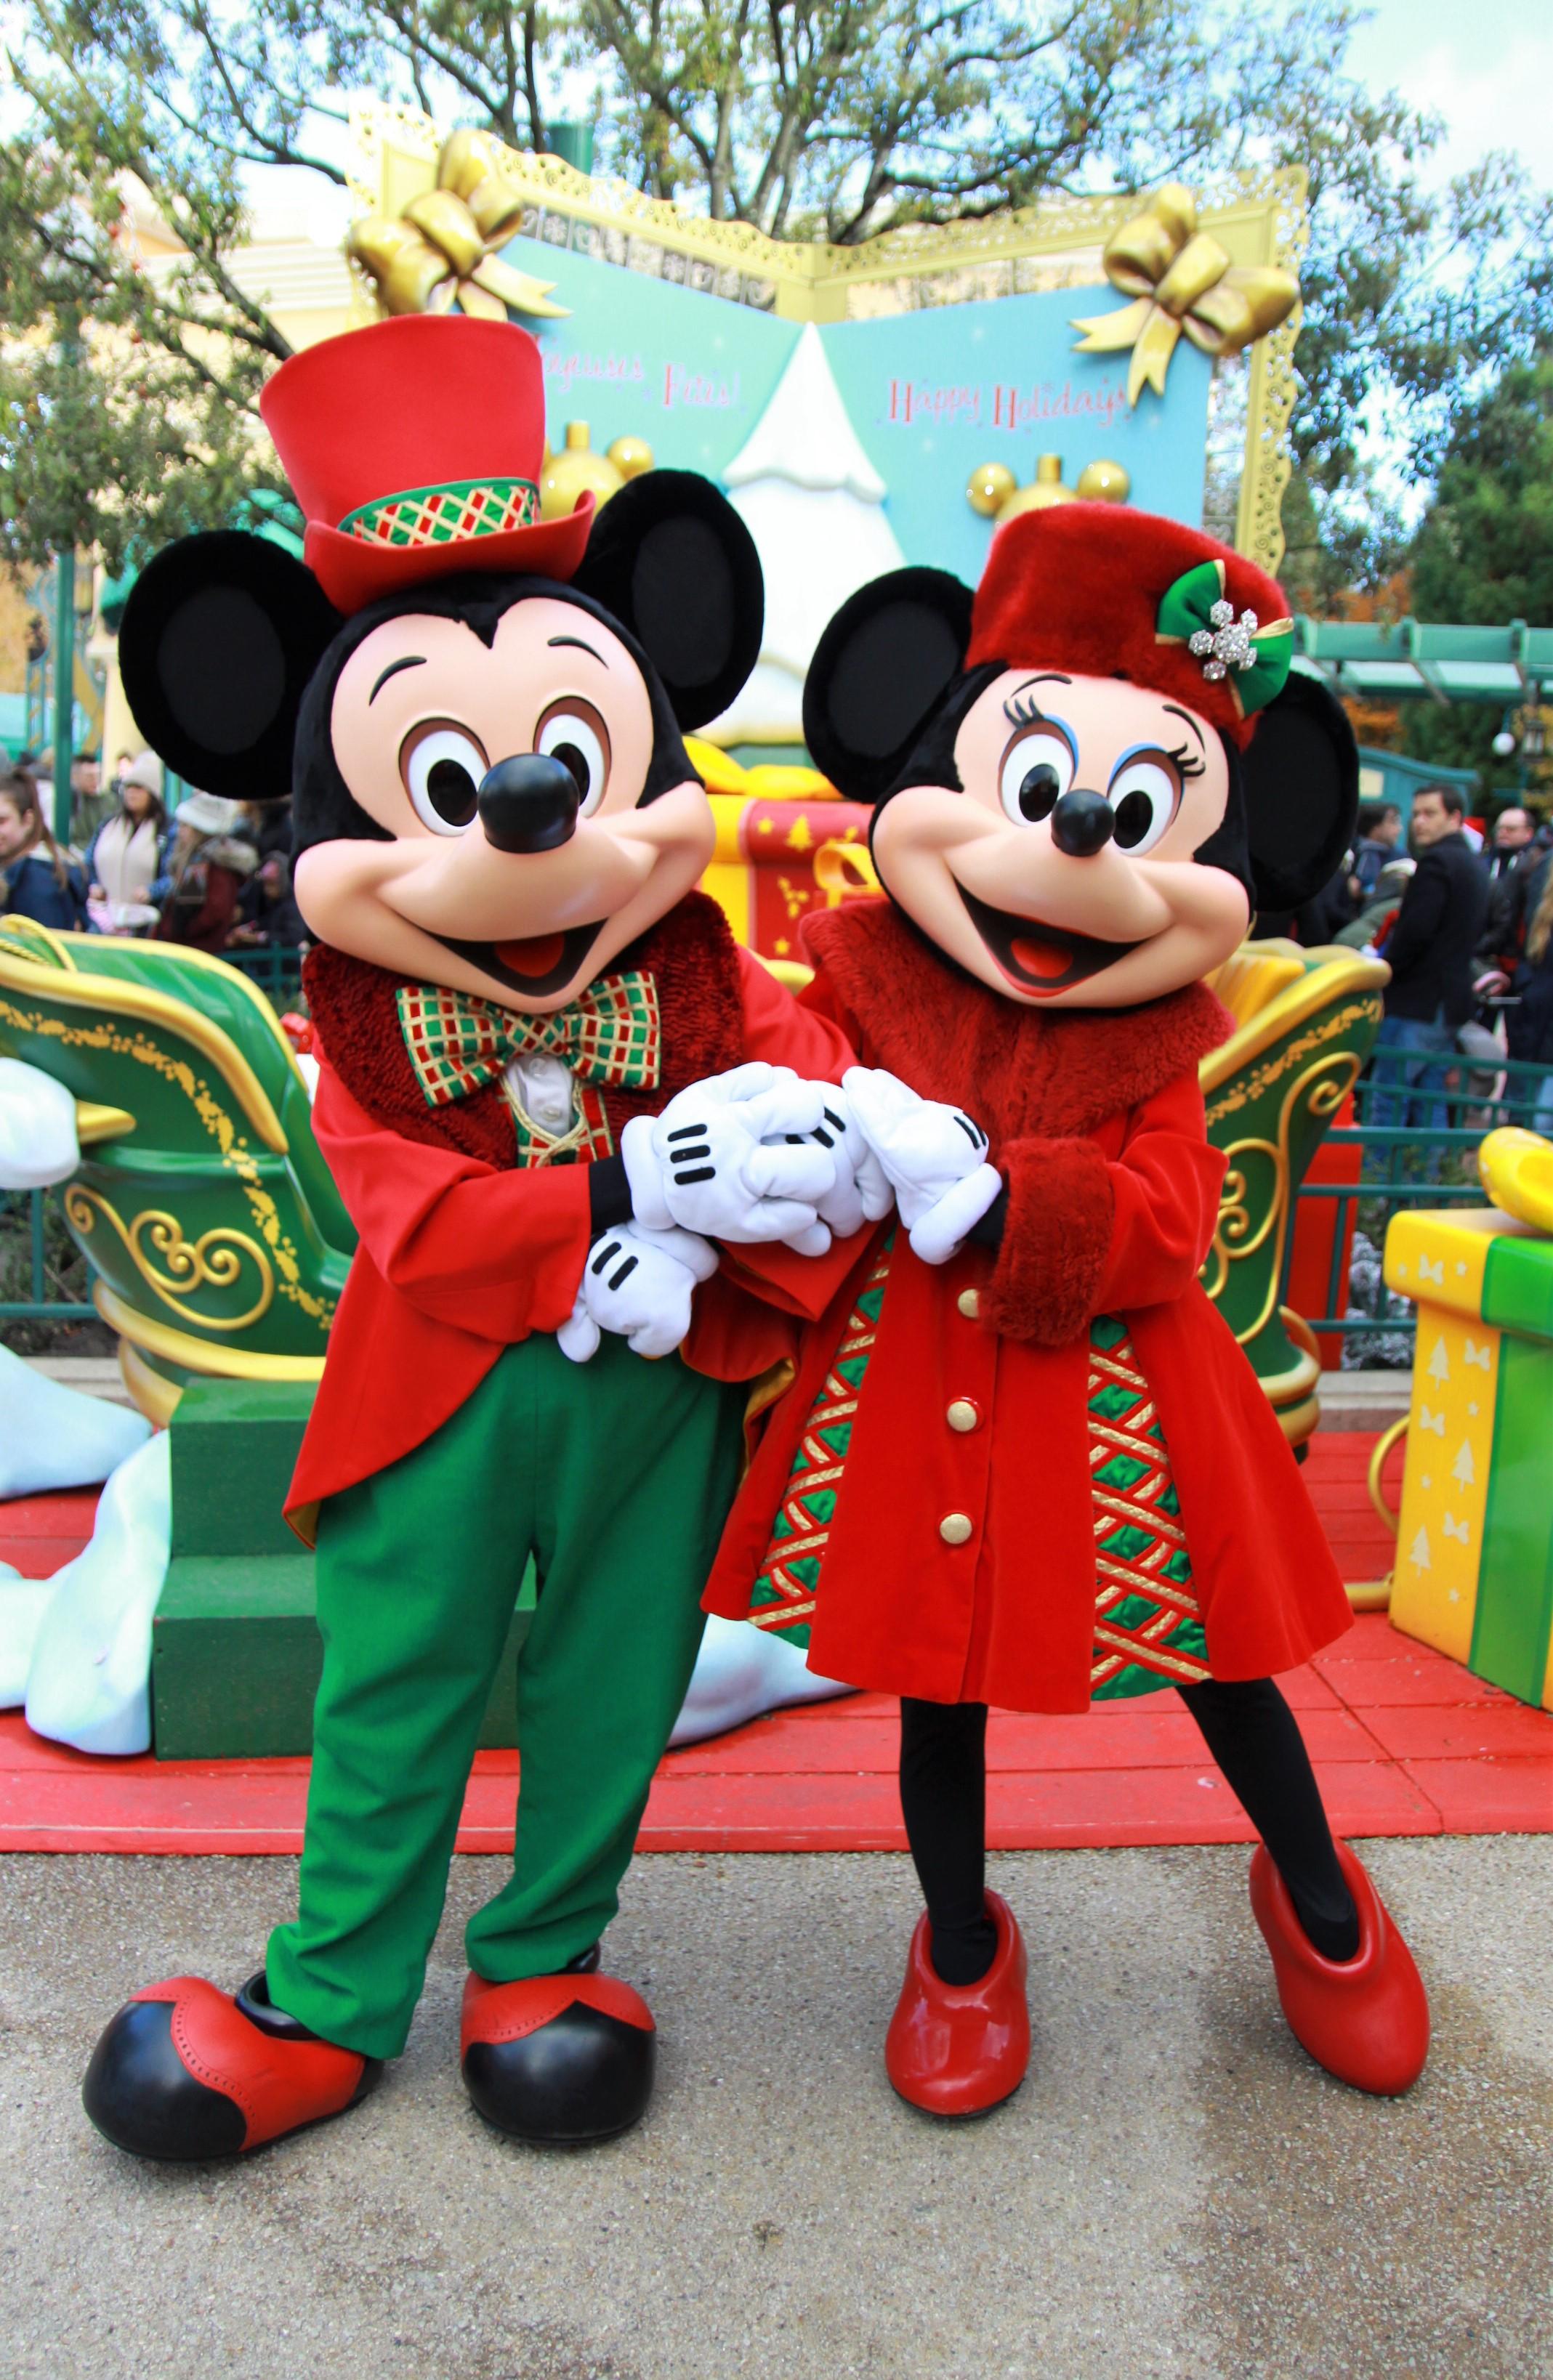 ディズニーランドパリのクリスマスイベント | パリ滞在ブログ